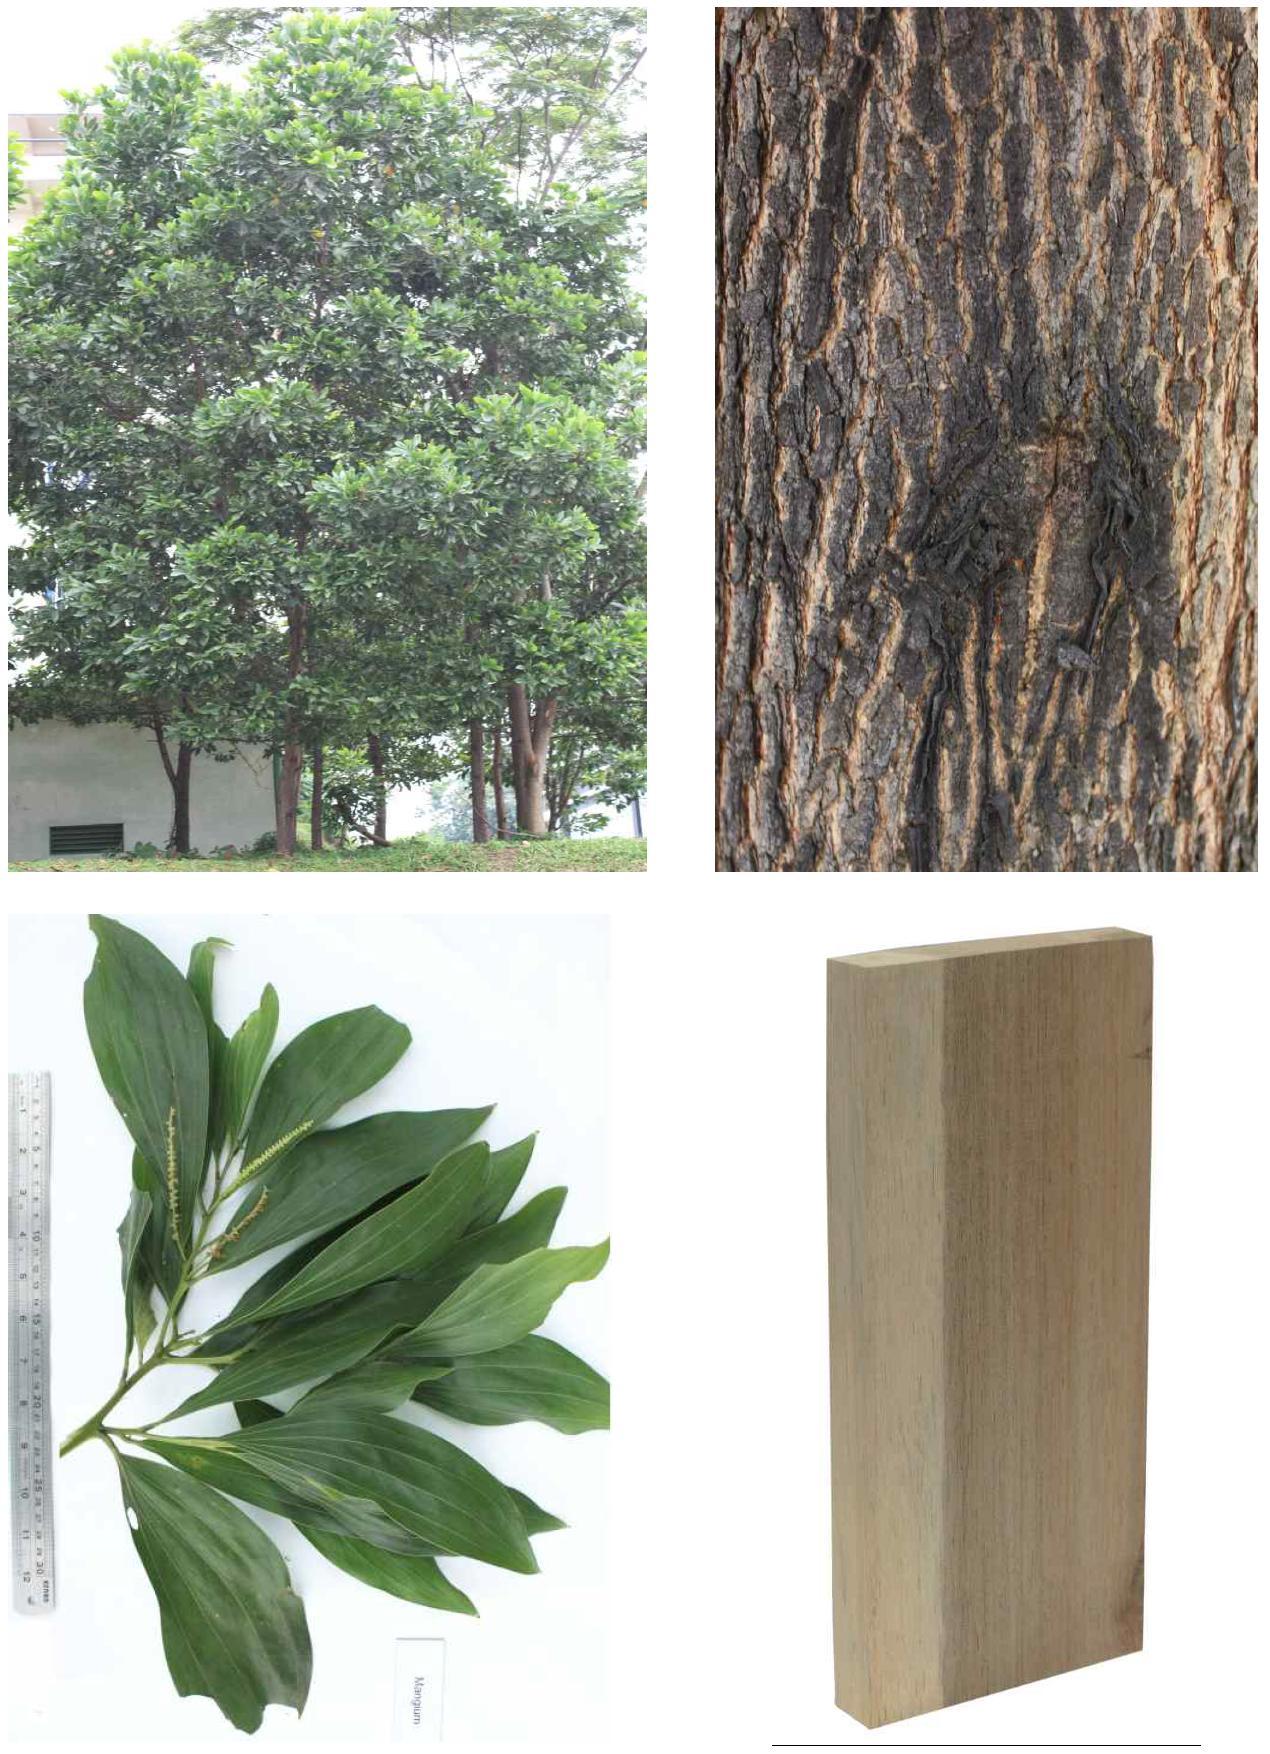 Mangium의 전체수형, 수피, 잎 및 재면.